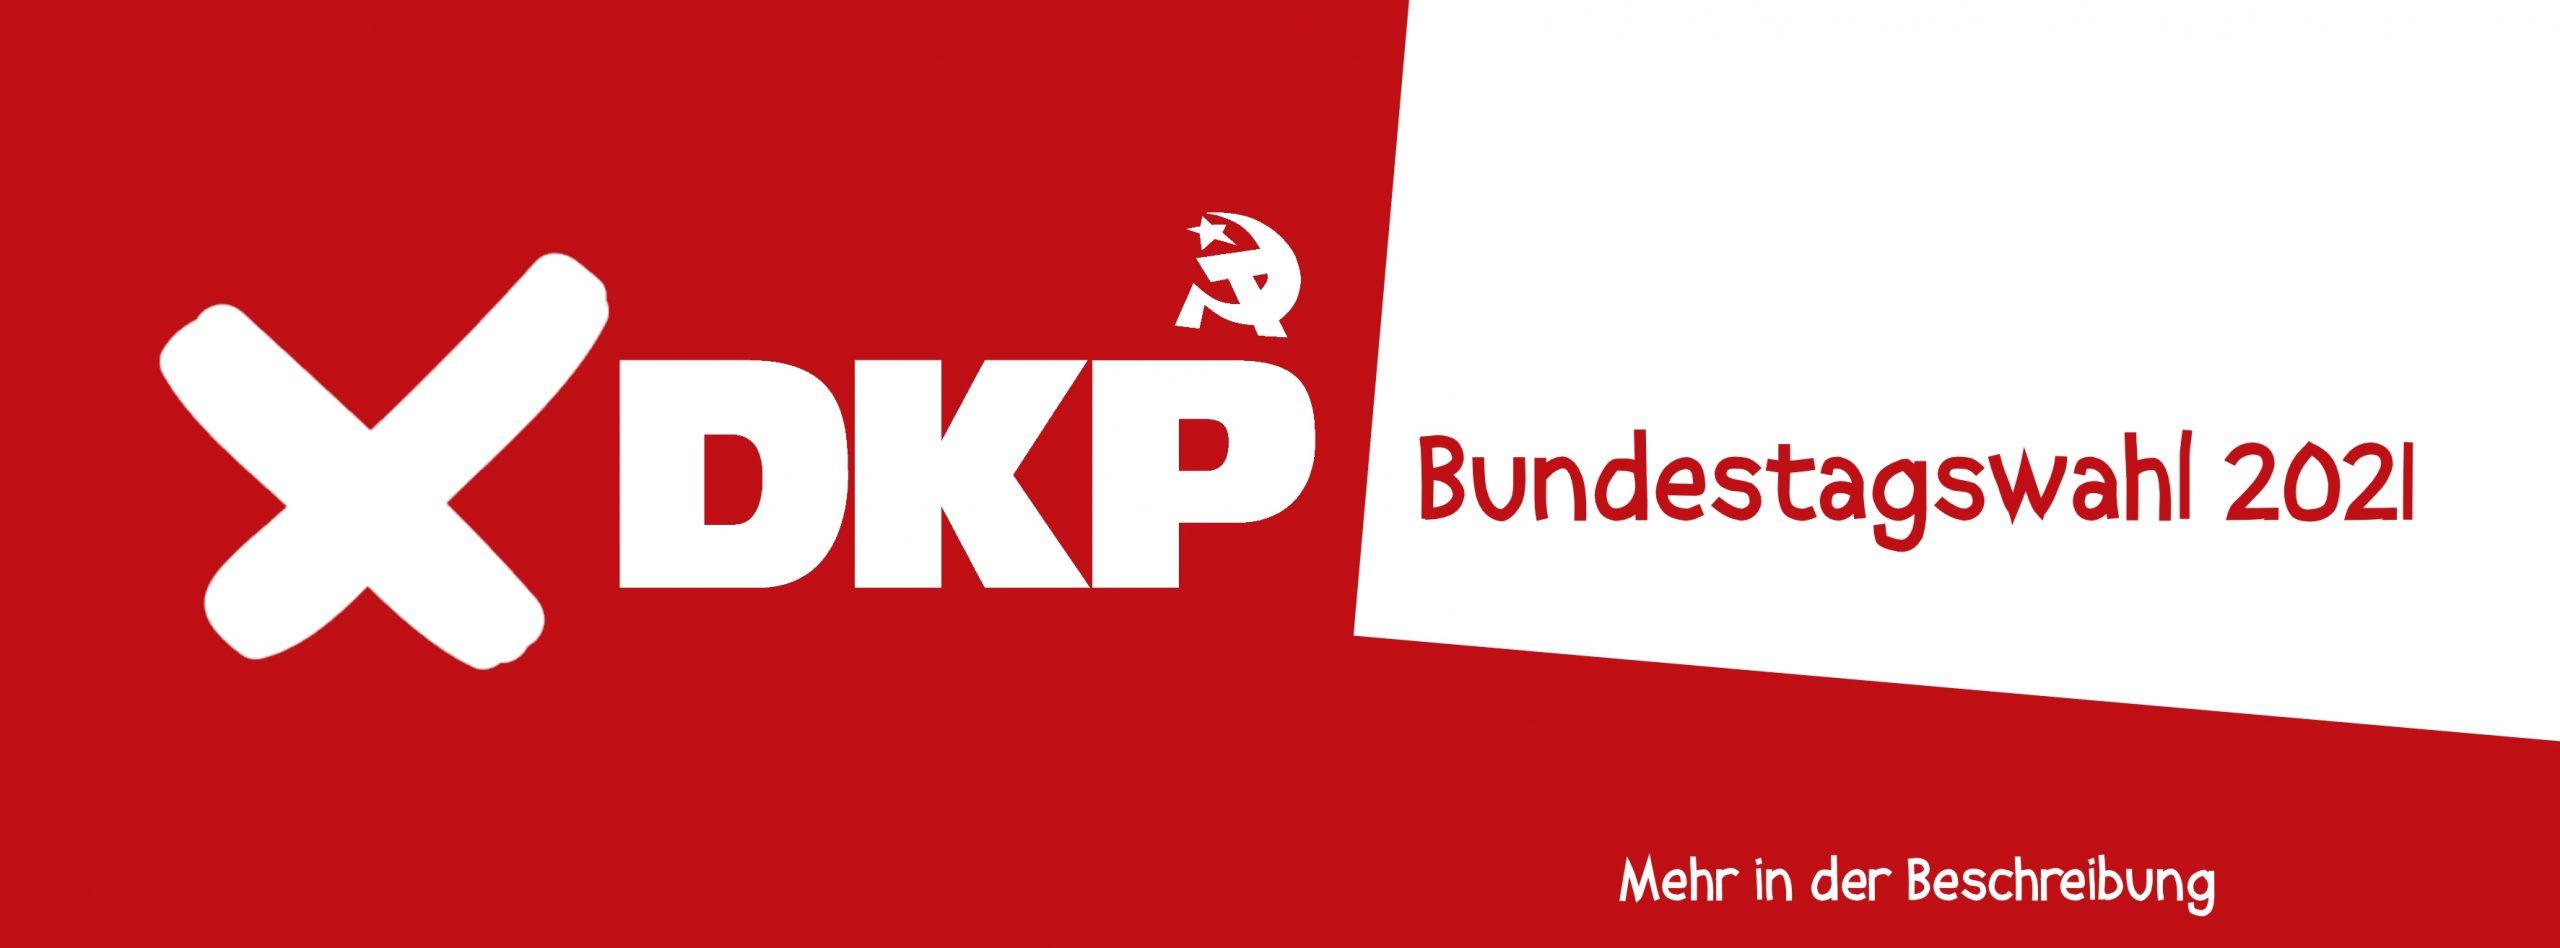 DKP Bundestagswahl 2021